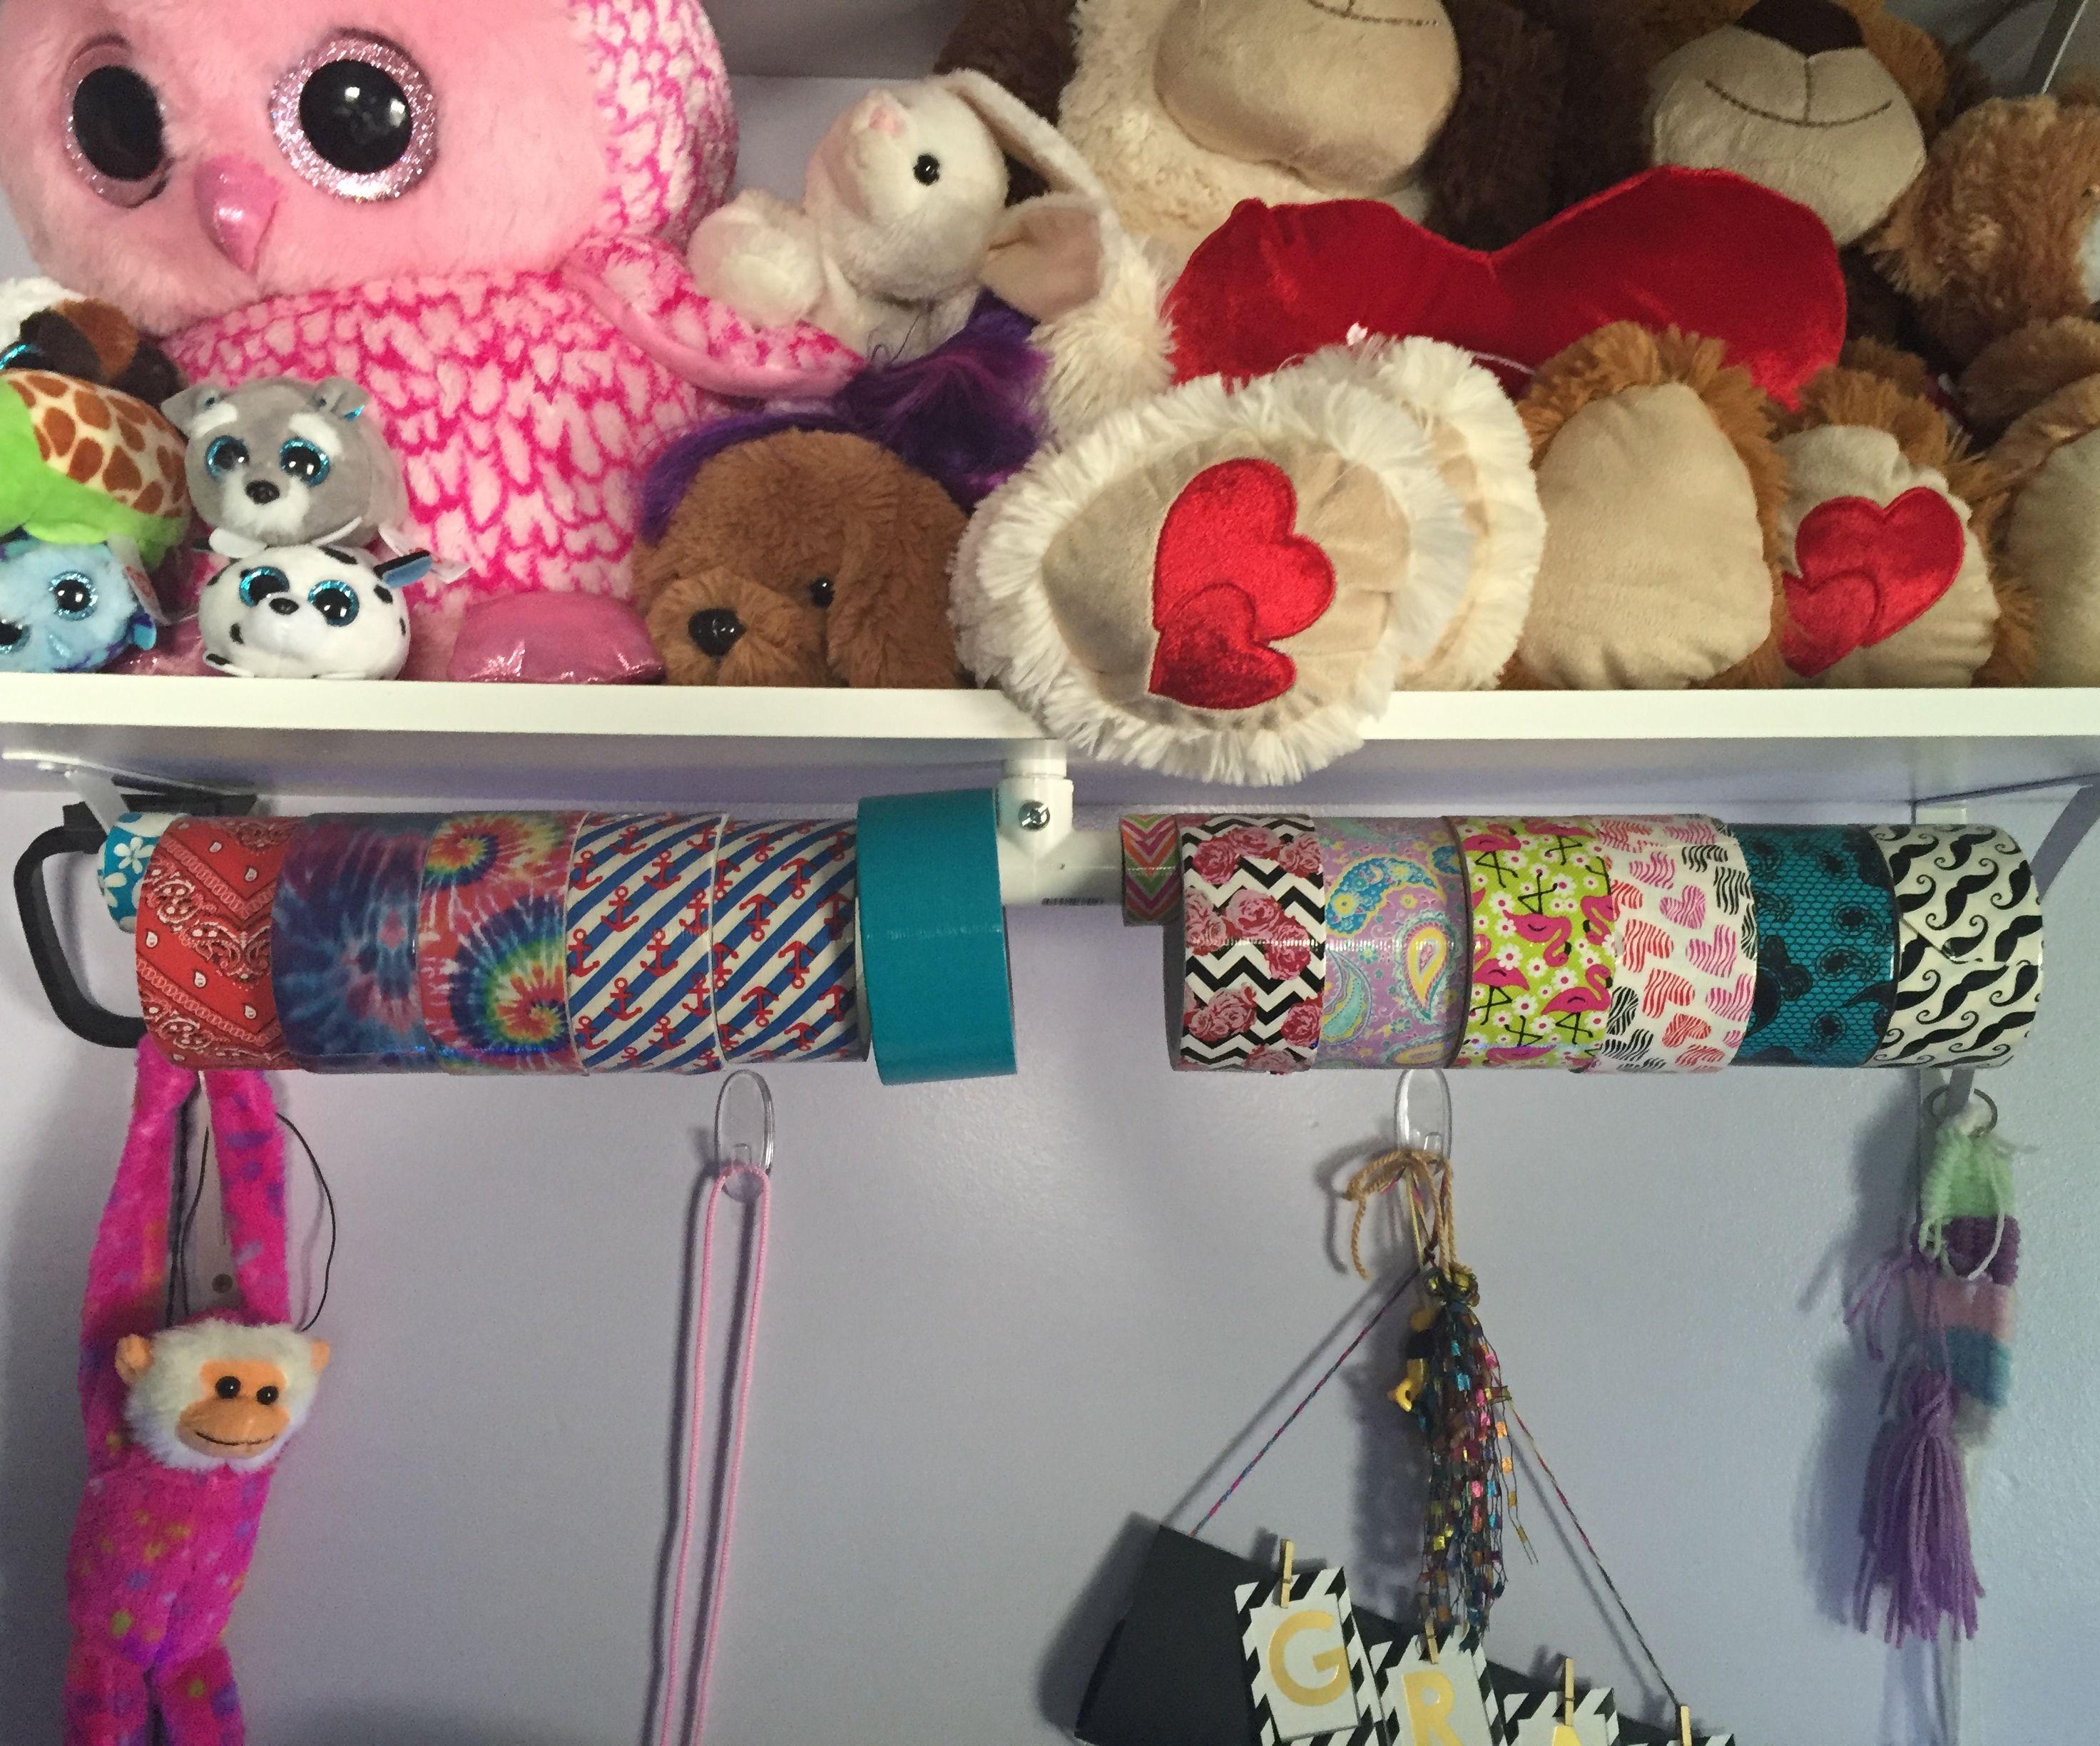 PVC Duct tape rack